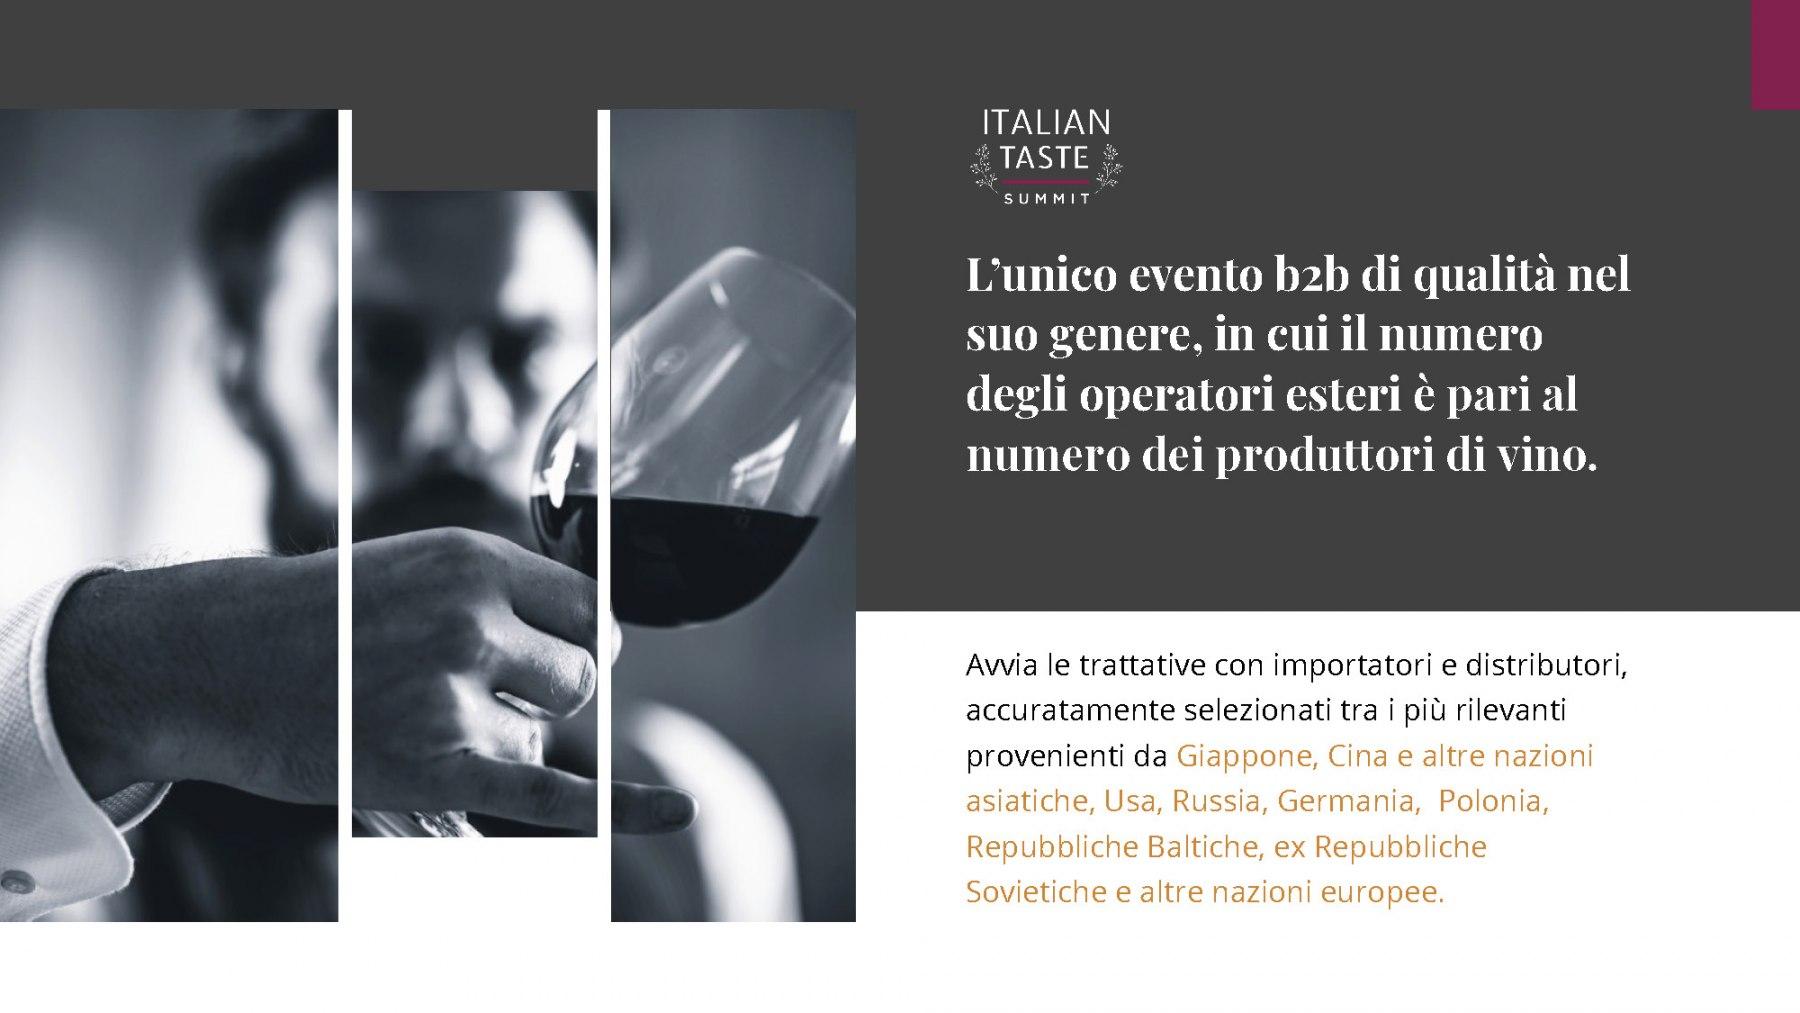 Italian-Taste-Summit-IT-2020_02